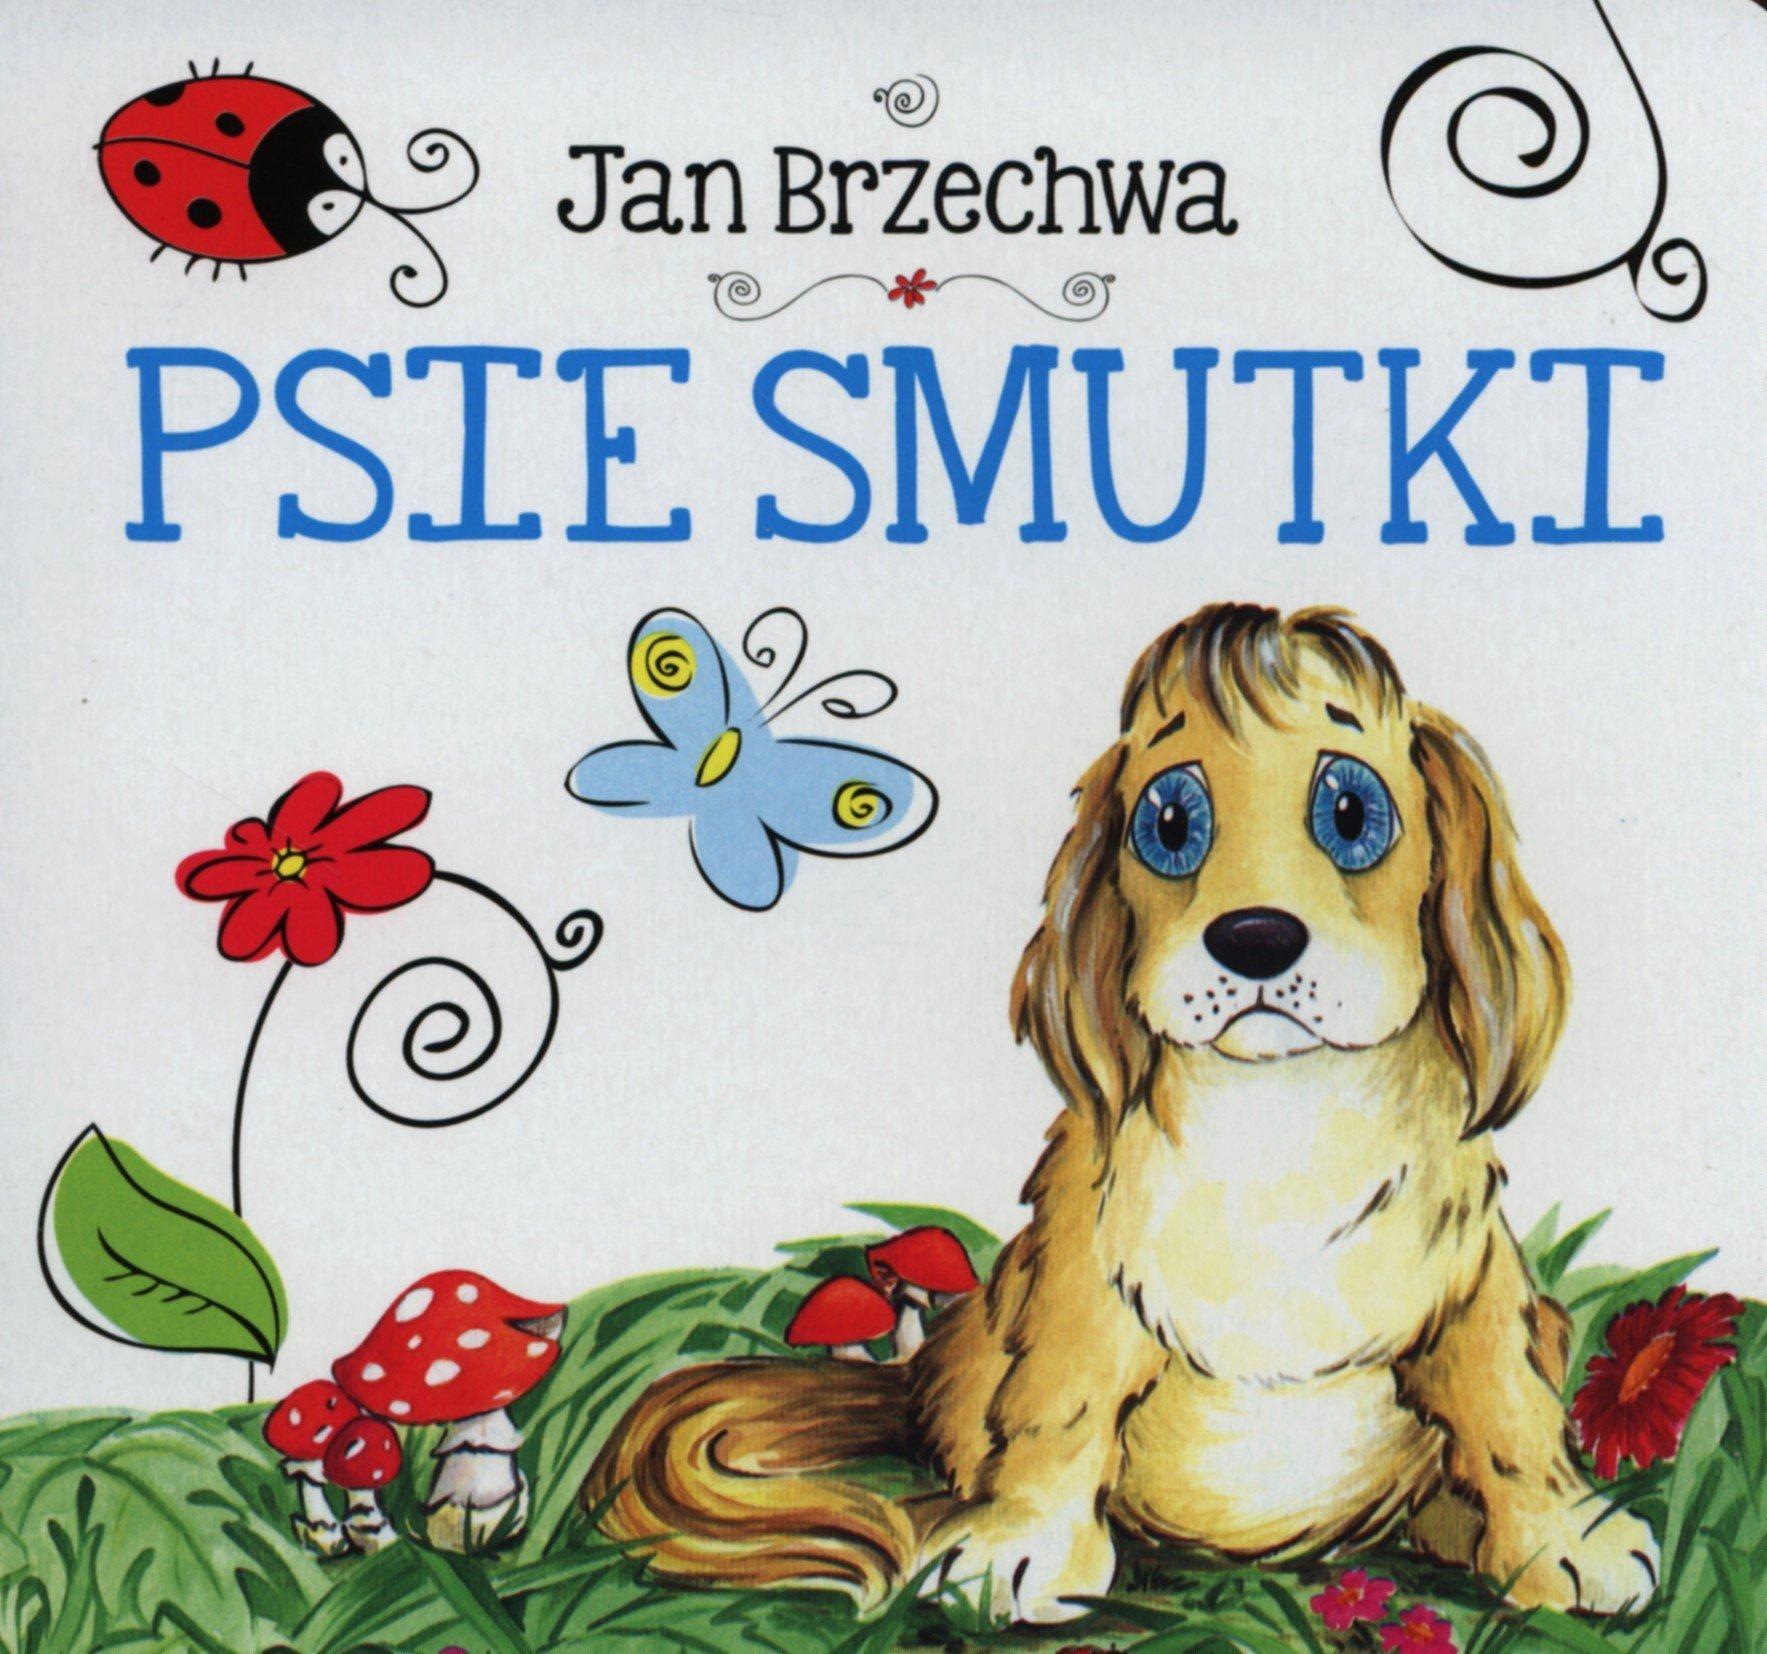 Psie Smutki Amazoncouk Jan Brzechwa 9788327416537 Books